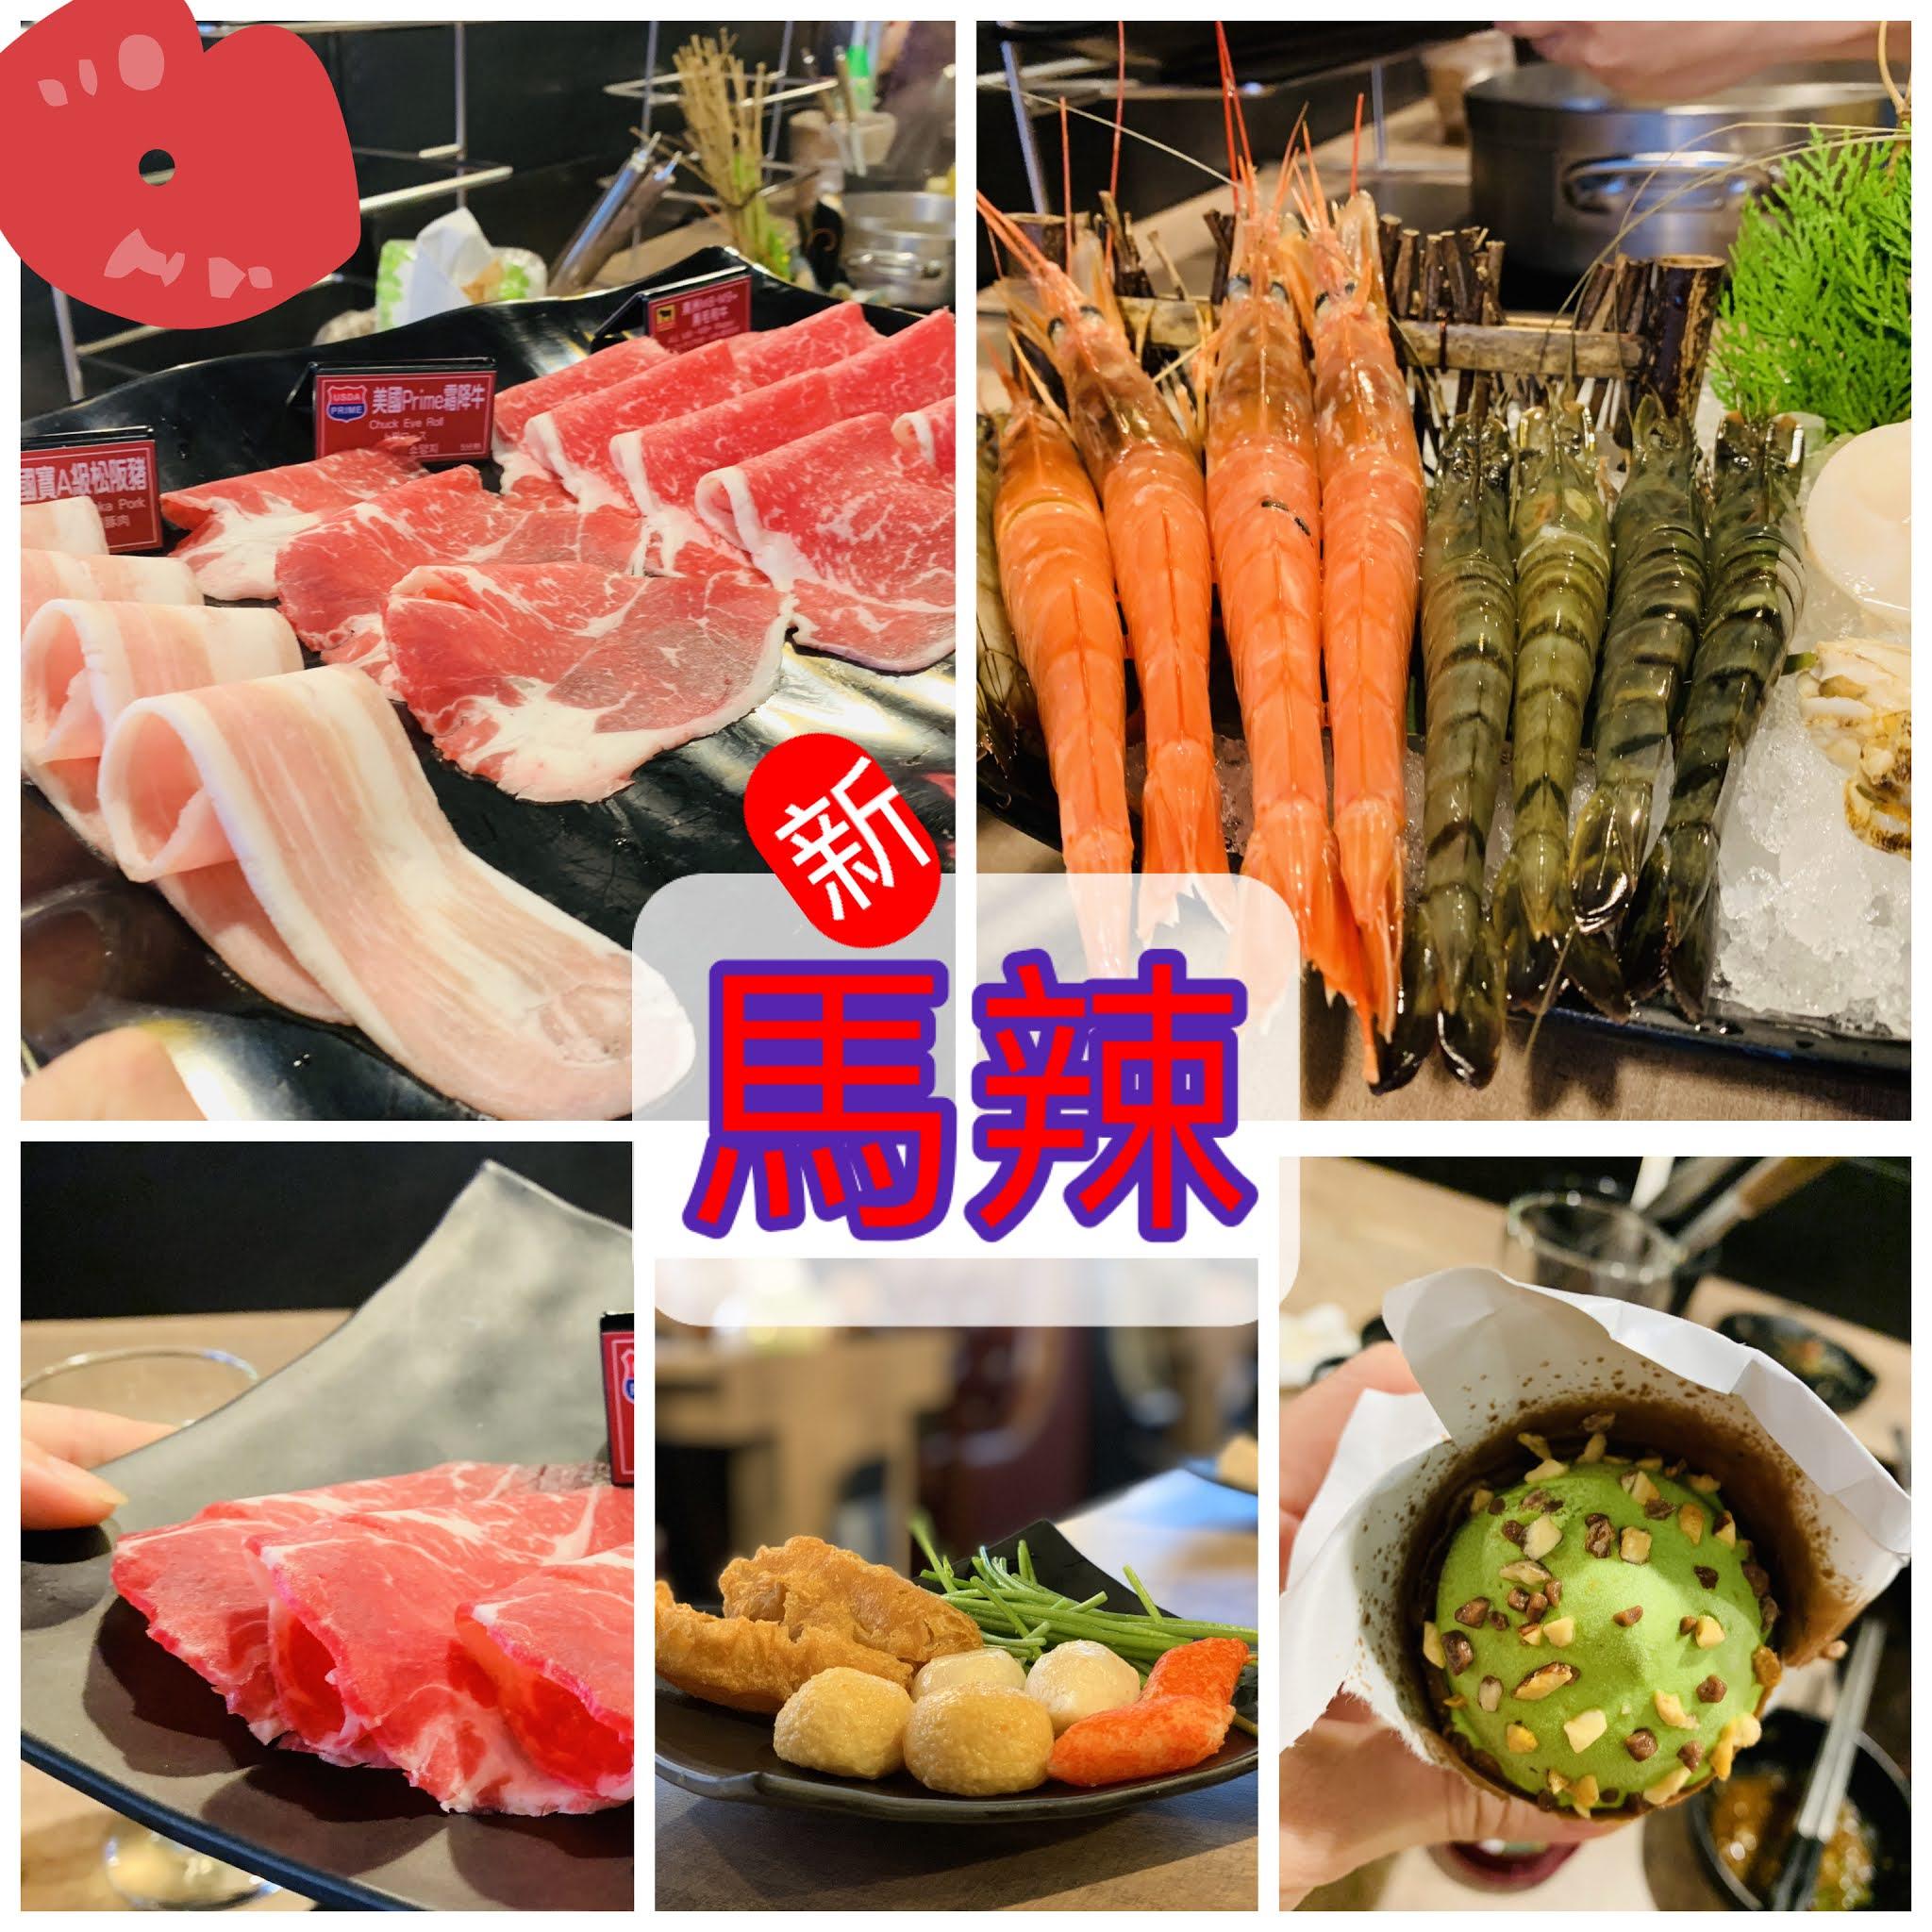 新馬辣經典麻辣鍋|餐點的美食照片